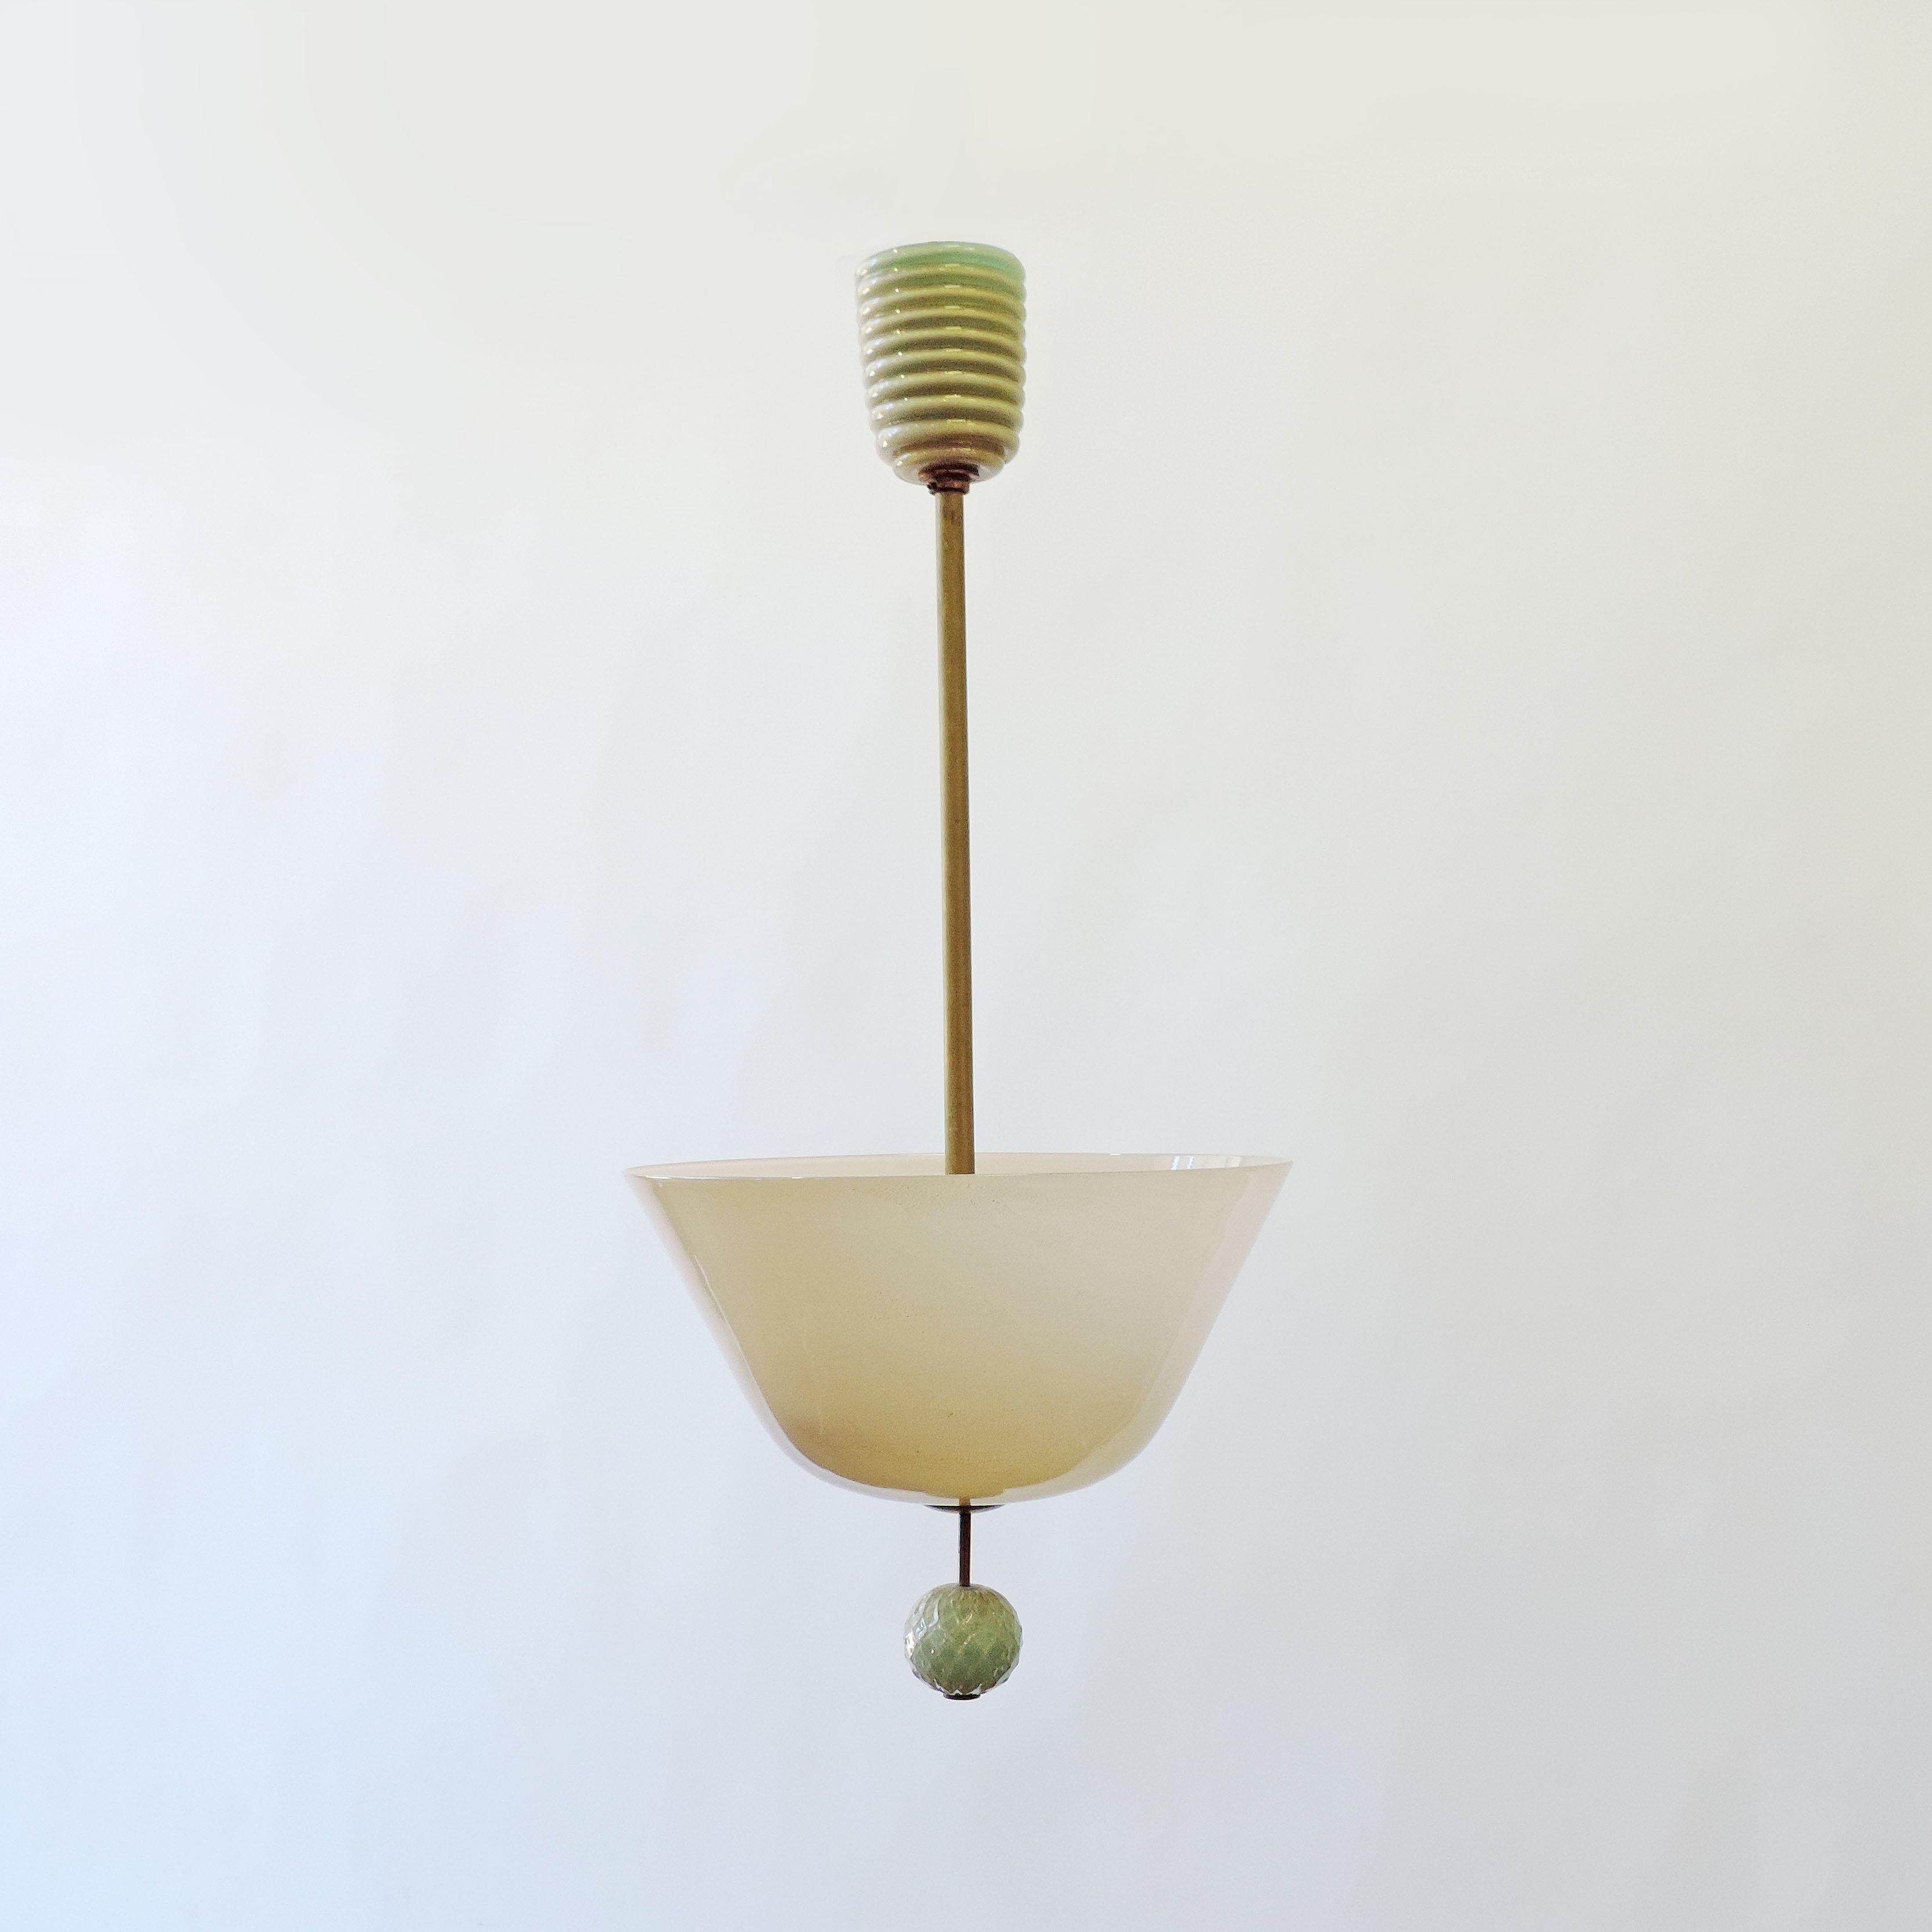 Tomaso Buzzi, Venini, Murano glass, Art Deco